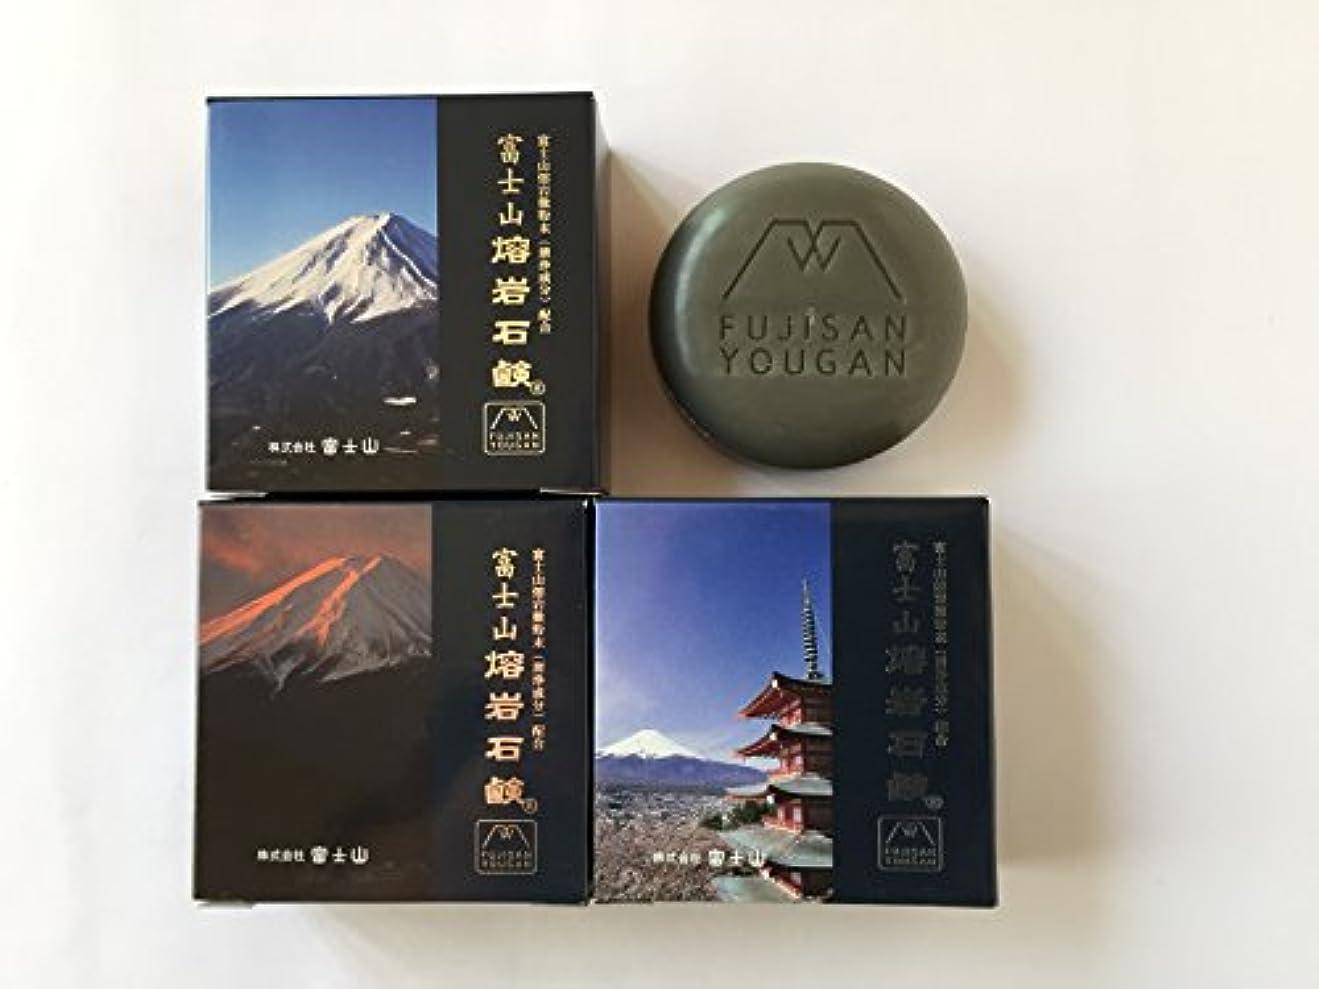 対寄生虫オリエント富士山溶岩石鹸(富士山写真化粧箱入り)お得用50g/個3種セット×2組(6個)